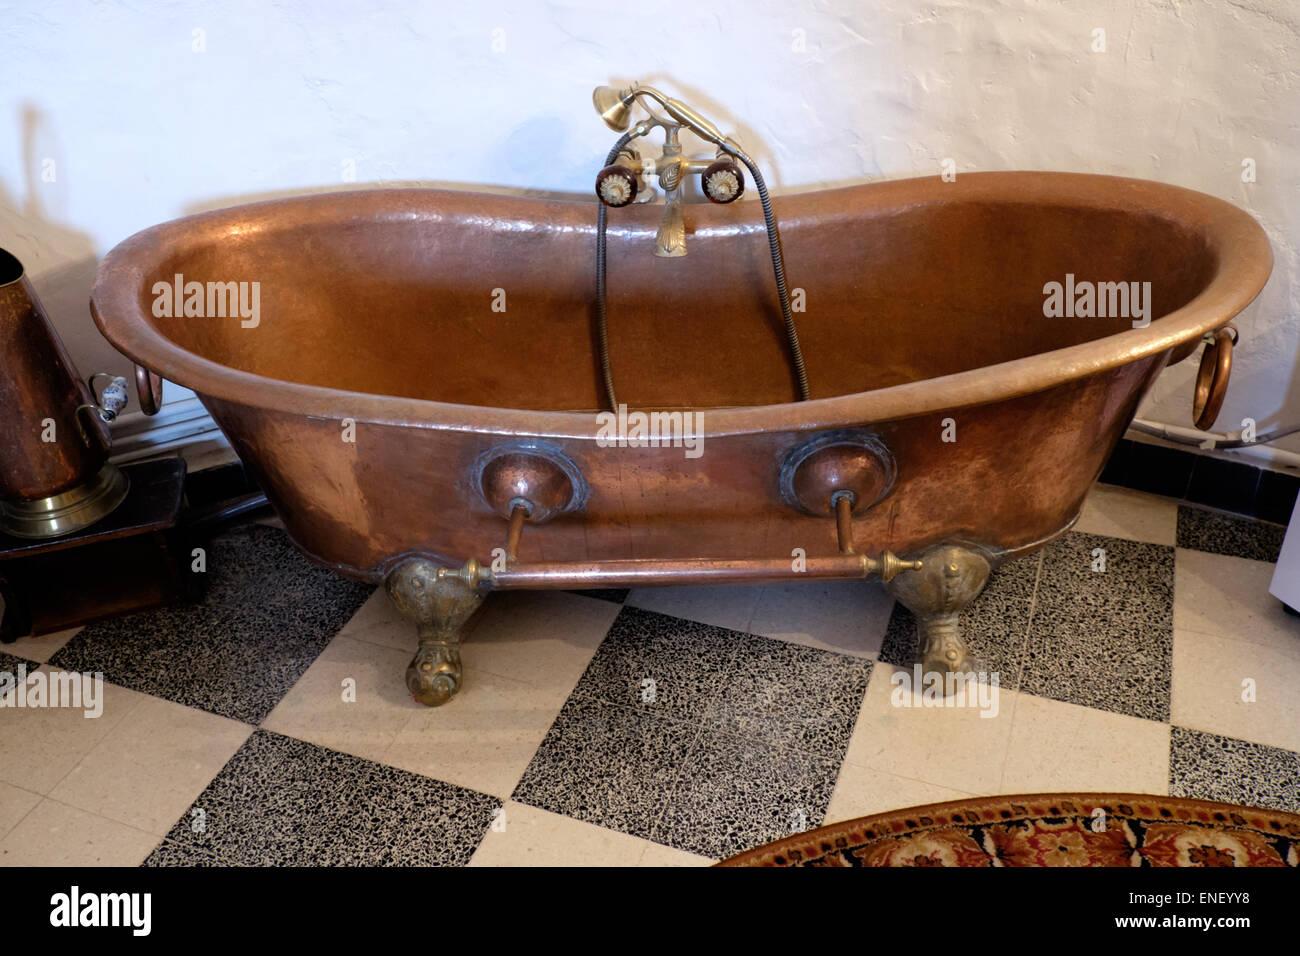 Kupfer Badewanne kupfer-badewanne in französischer schloss altbauwohnung stockfoto